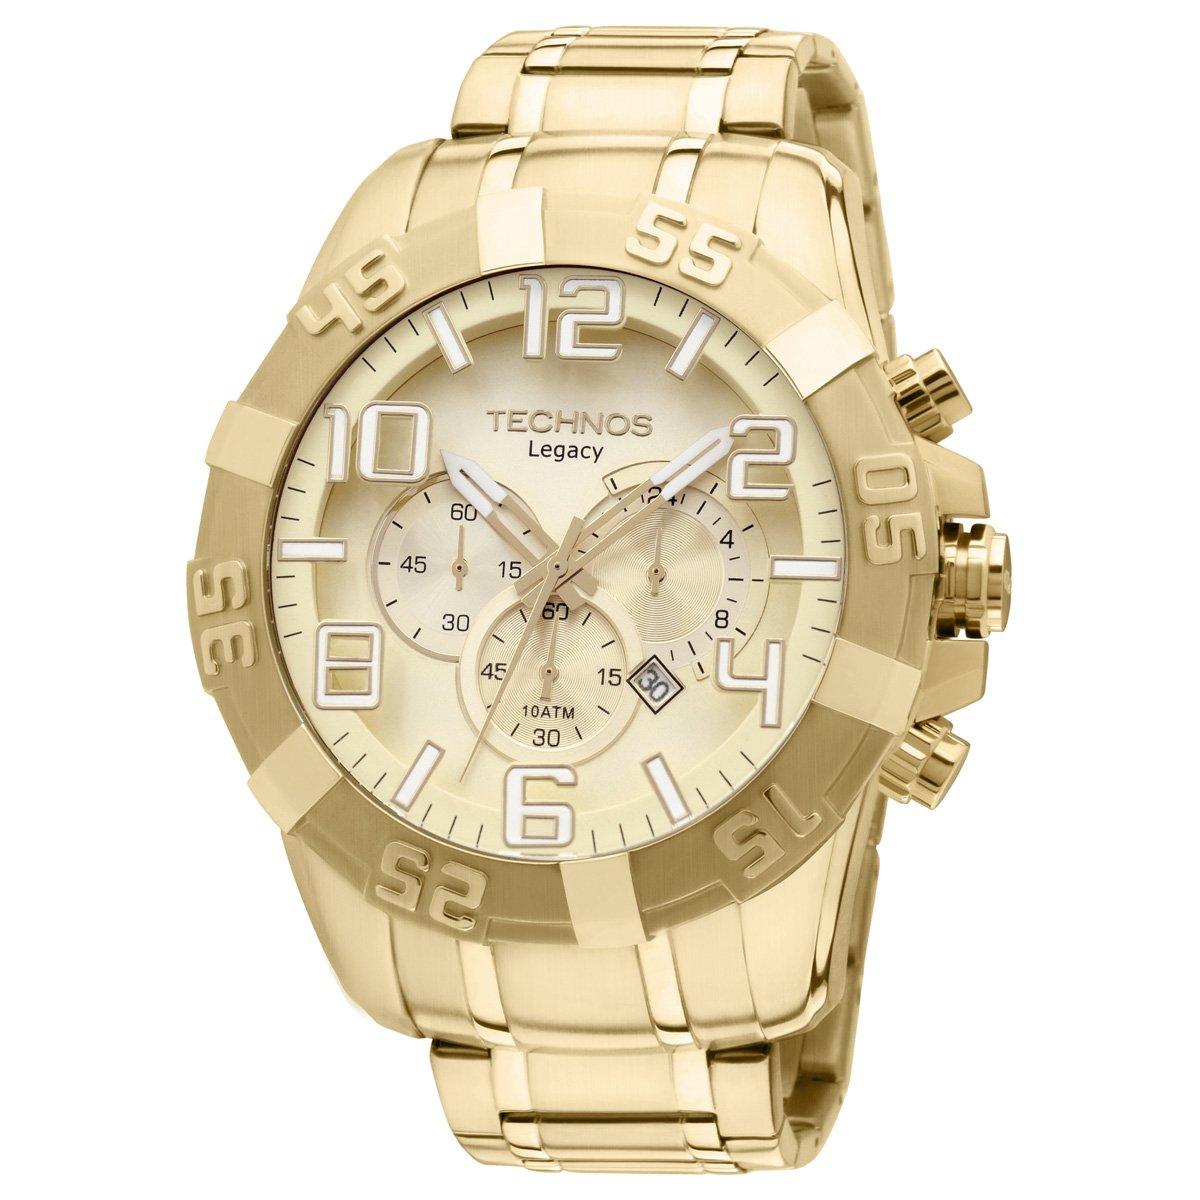 dda3df6d76d Relógios Technos com os melhores preços